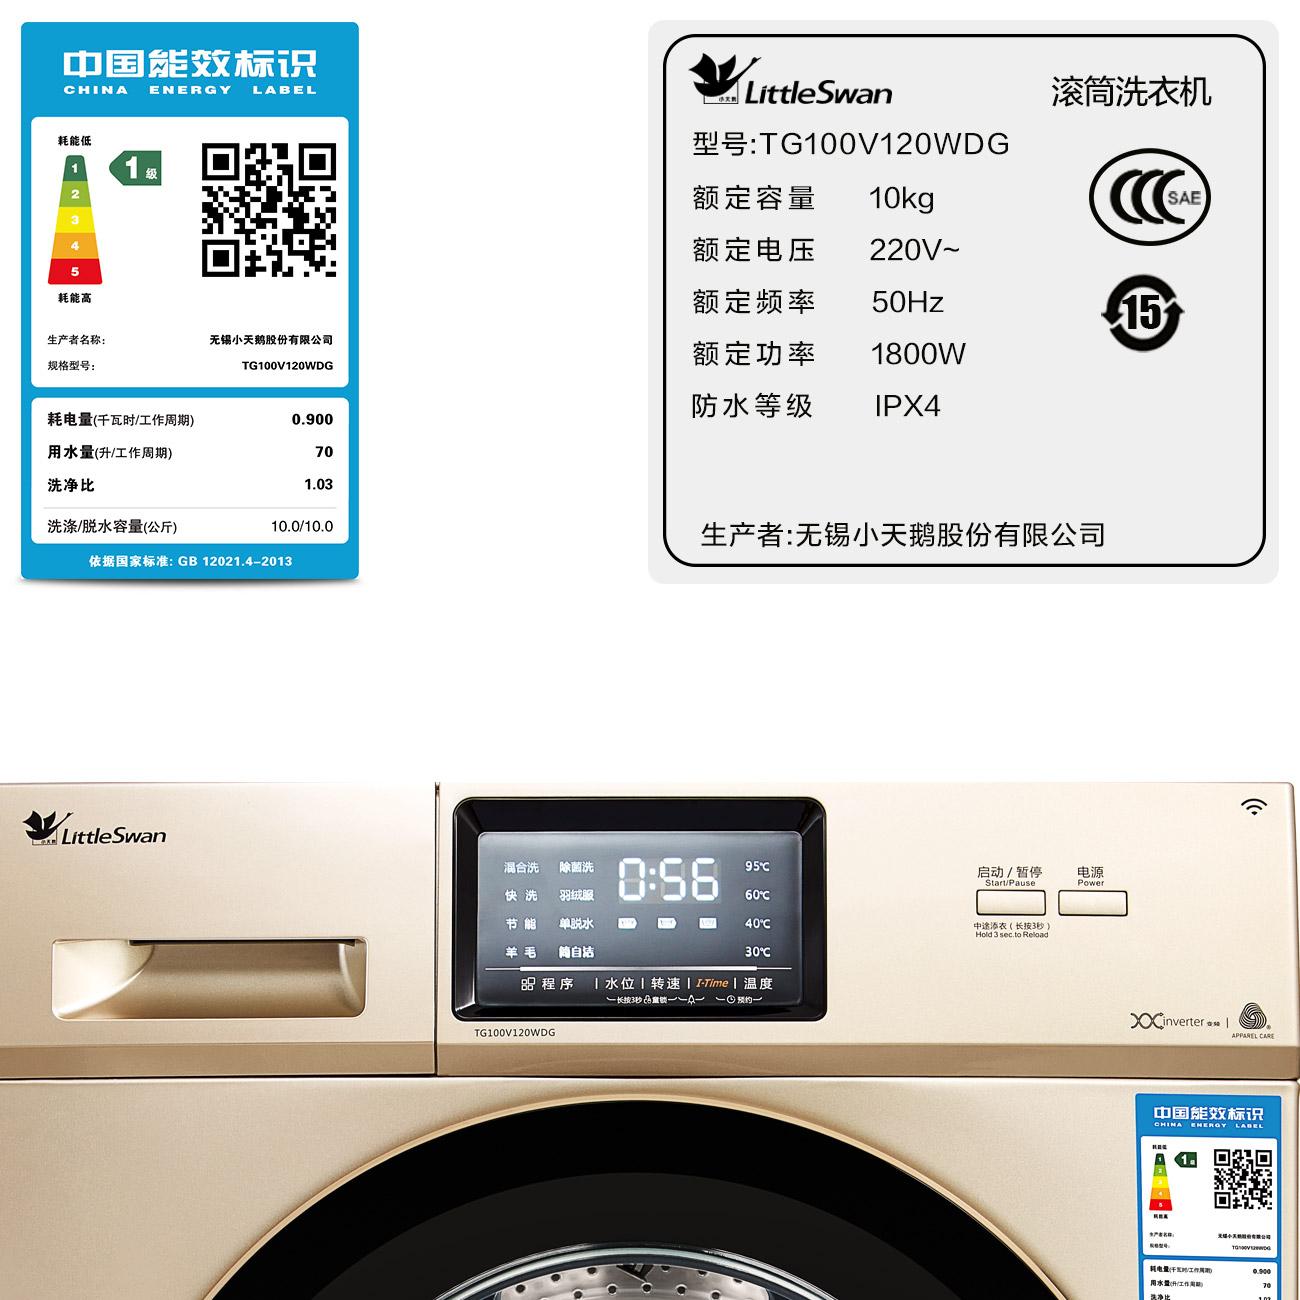 小天鹅滚筒洗衣机全自动家用 10公斤kg智能变频静音 TG100V120WDG